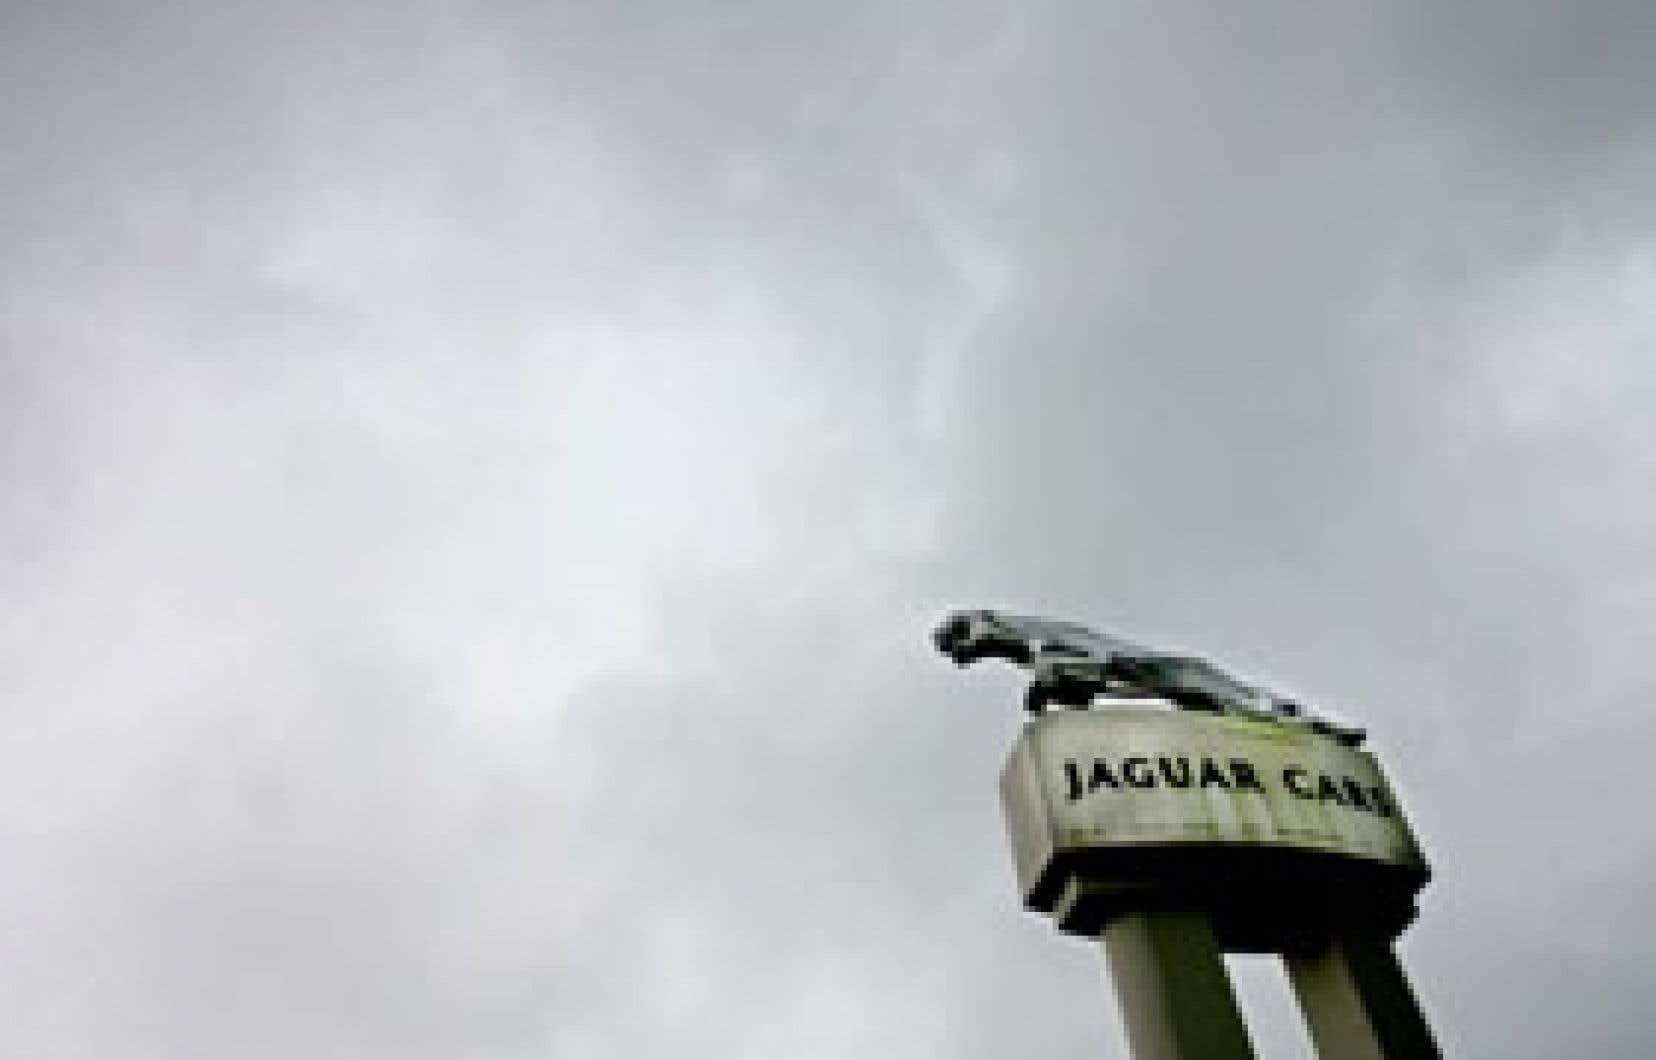 Ford a acheté Jaguar en 1989 pour 2,5 milliards de dollars et repris Land Rover en 2000 à BMW pour 2,7 milliards.